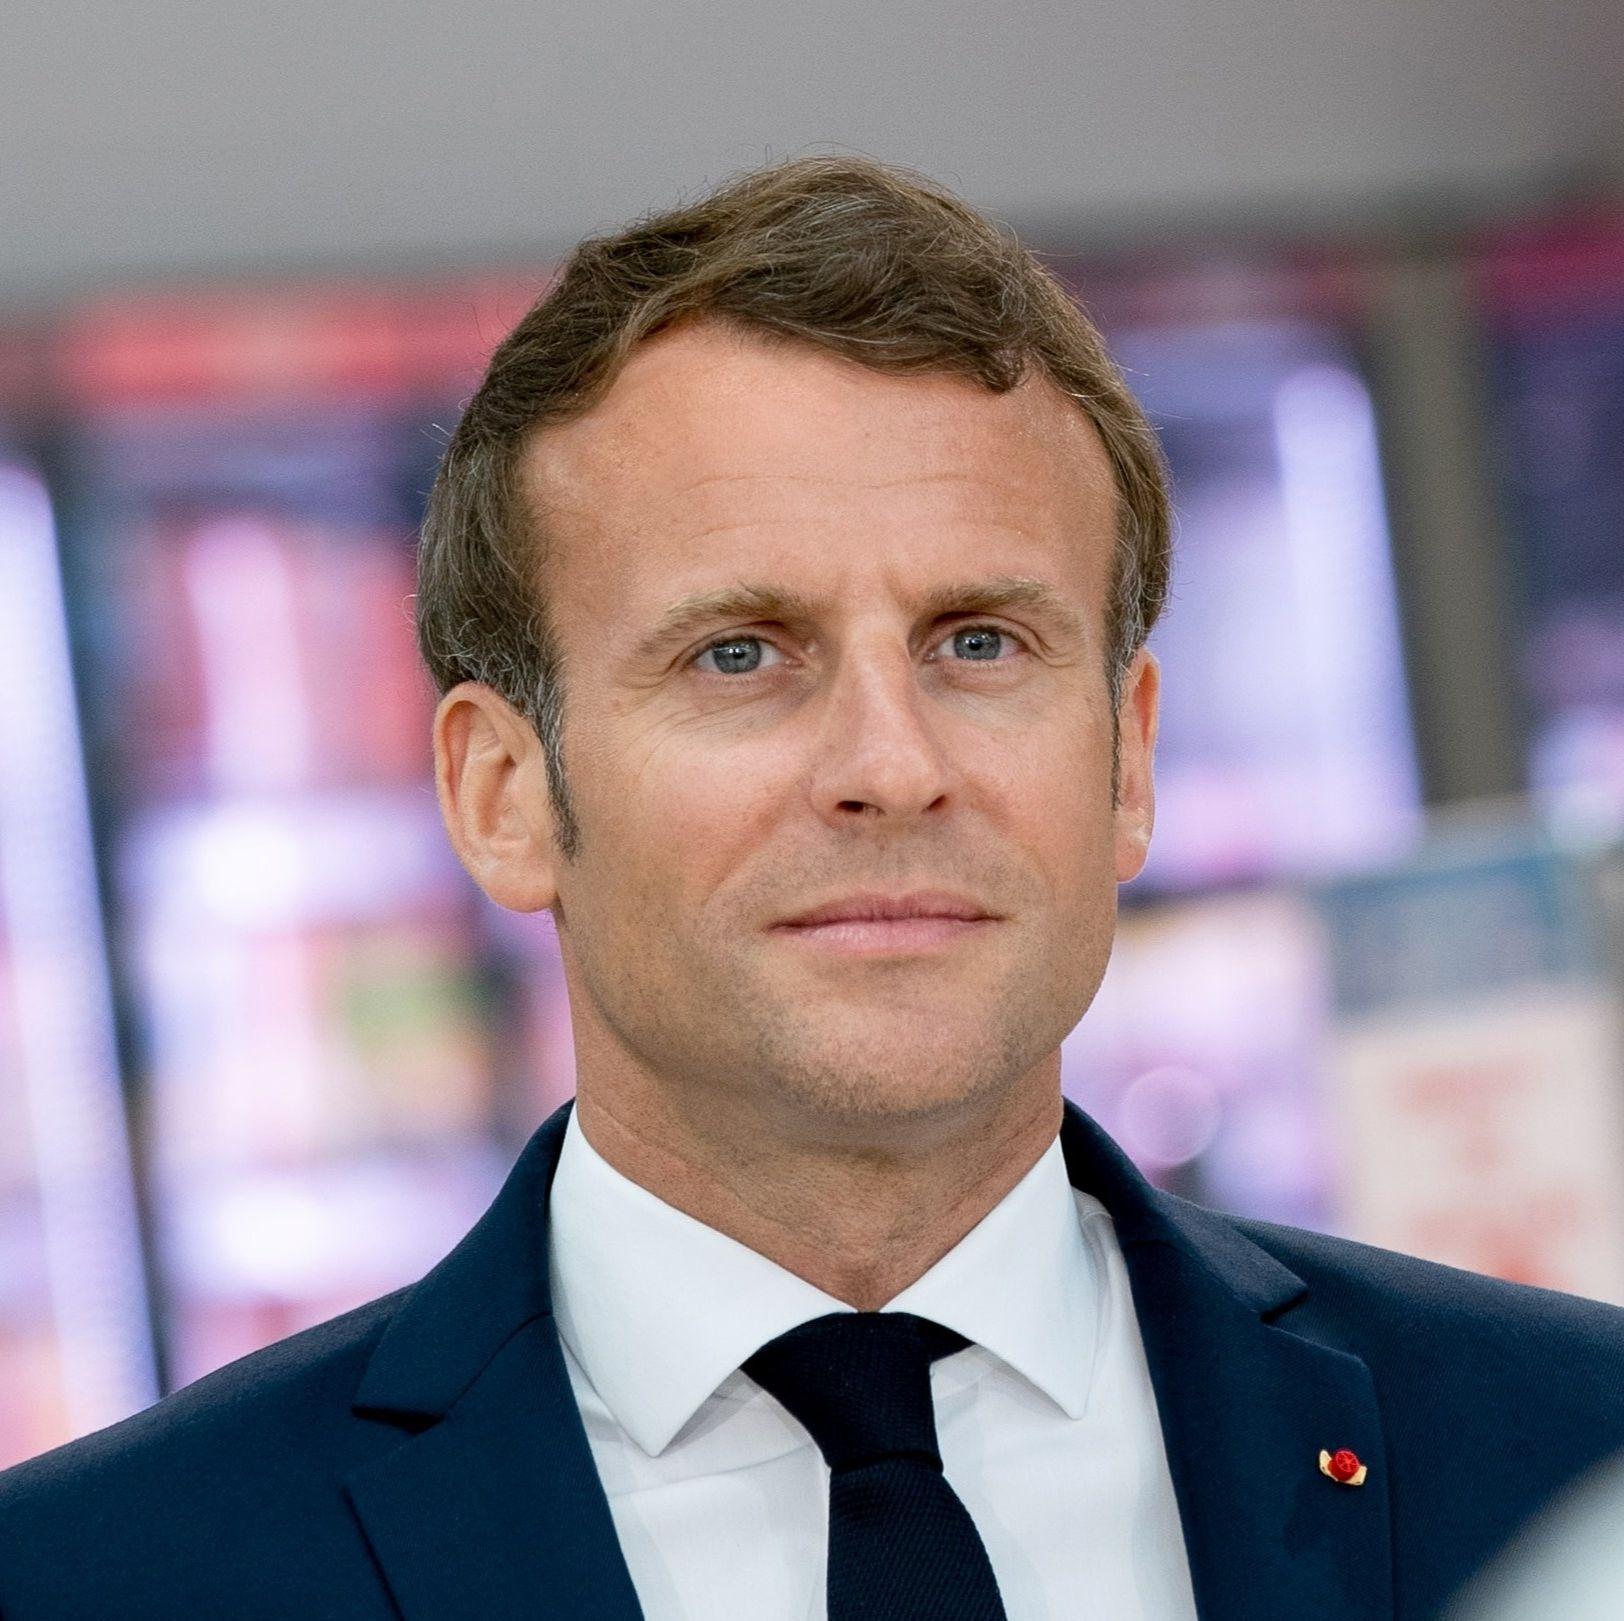 Emmanuel Macron a rendu hommage, mercredi soir, à Samuel Paty, professeur d'Histoire-géographie assassiné vendredi dernier pour avoir montré une caricature de Mahomet en classe.